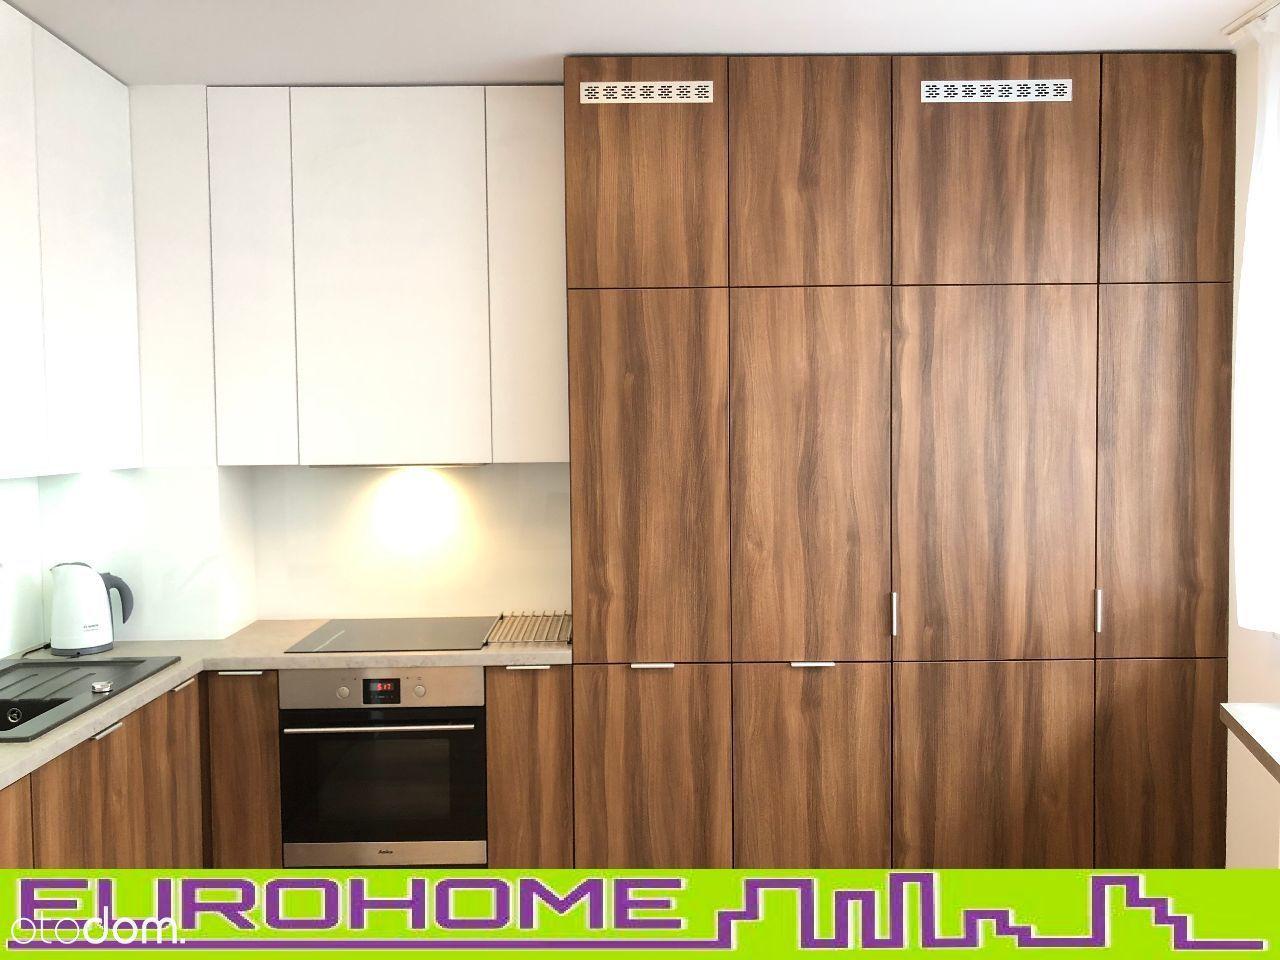 Apartamenty Zygmuntowska- 54 m2- 3 pokoje